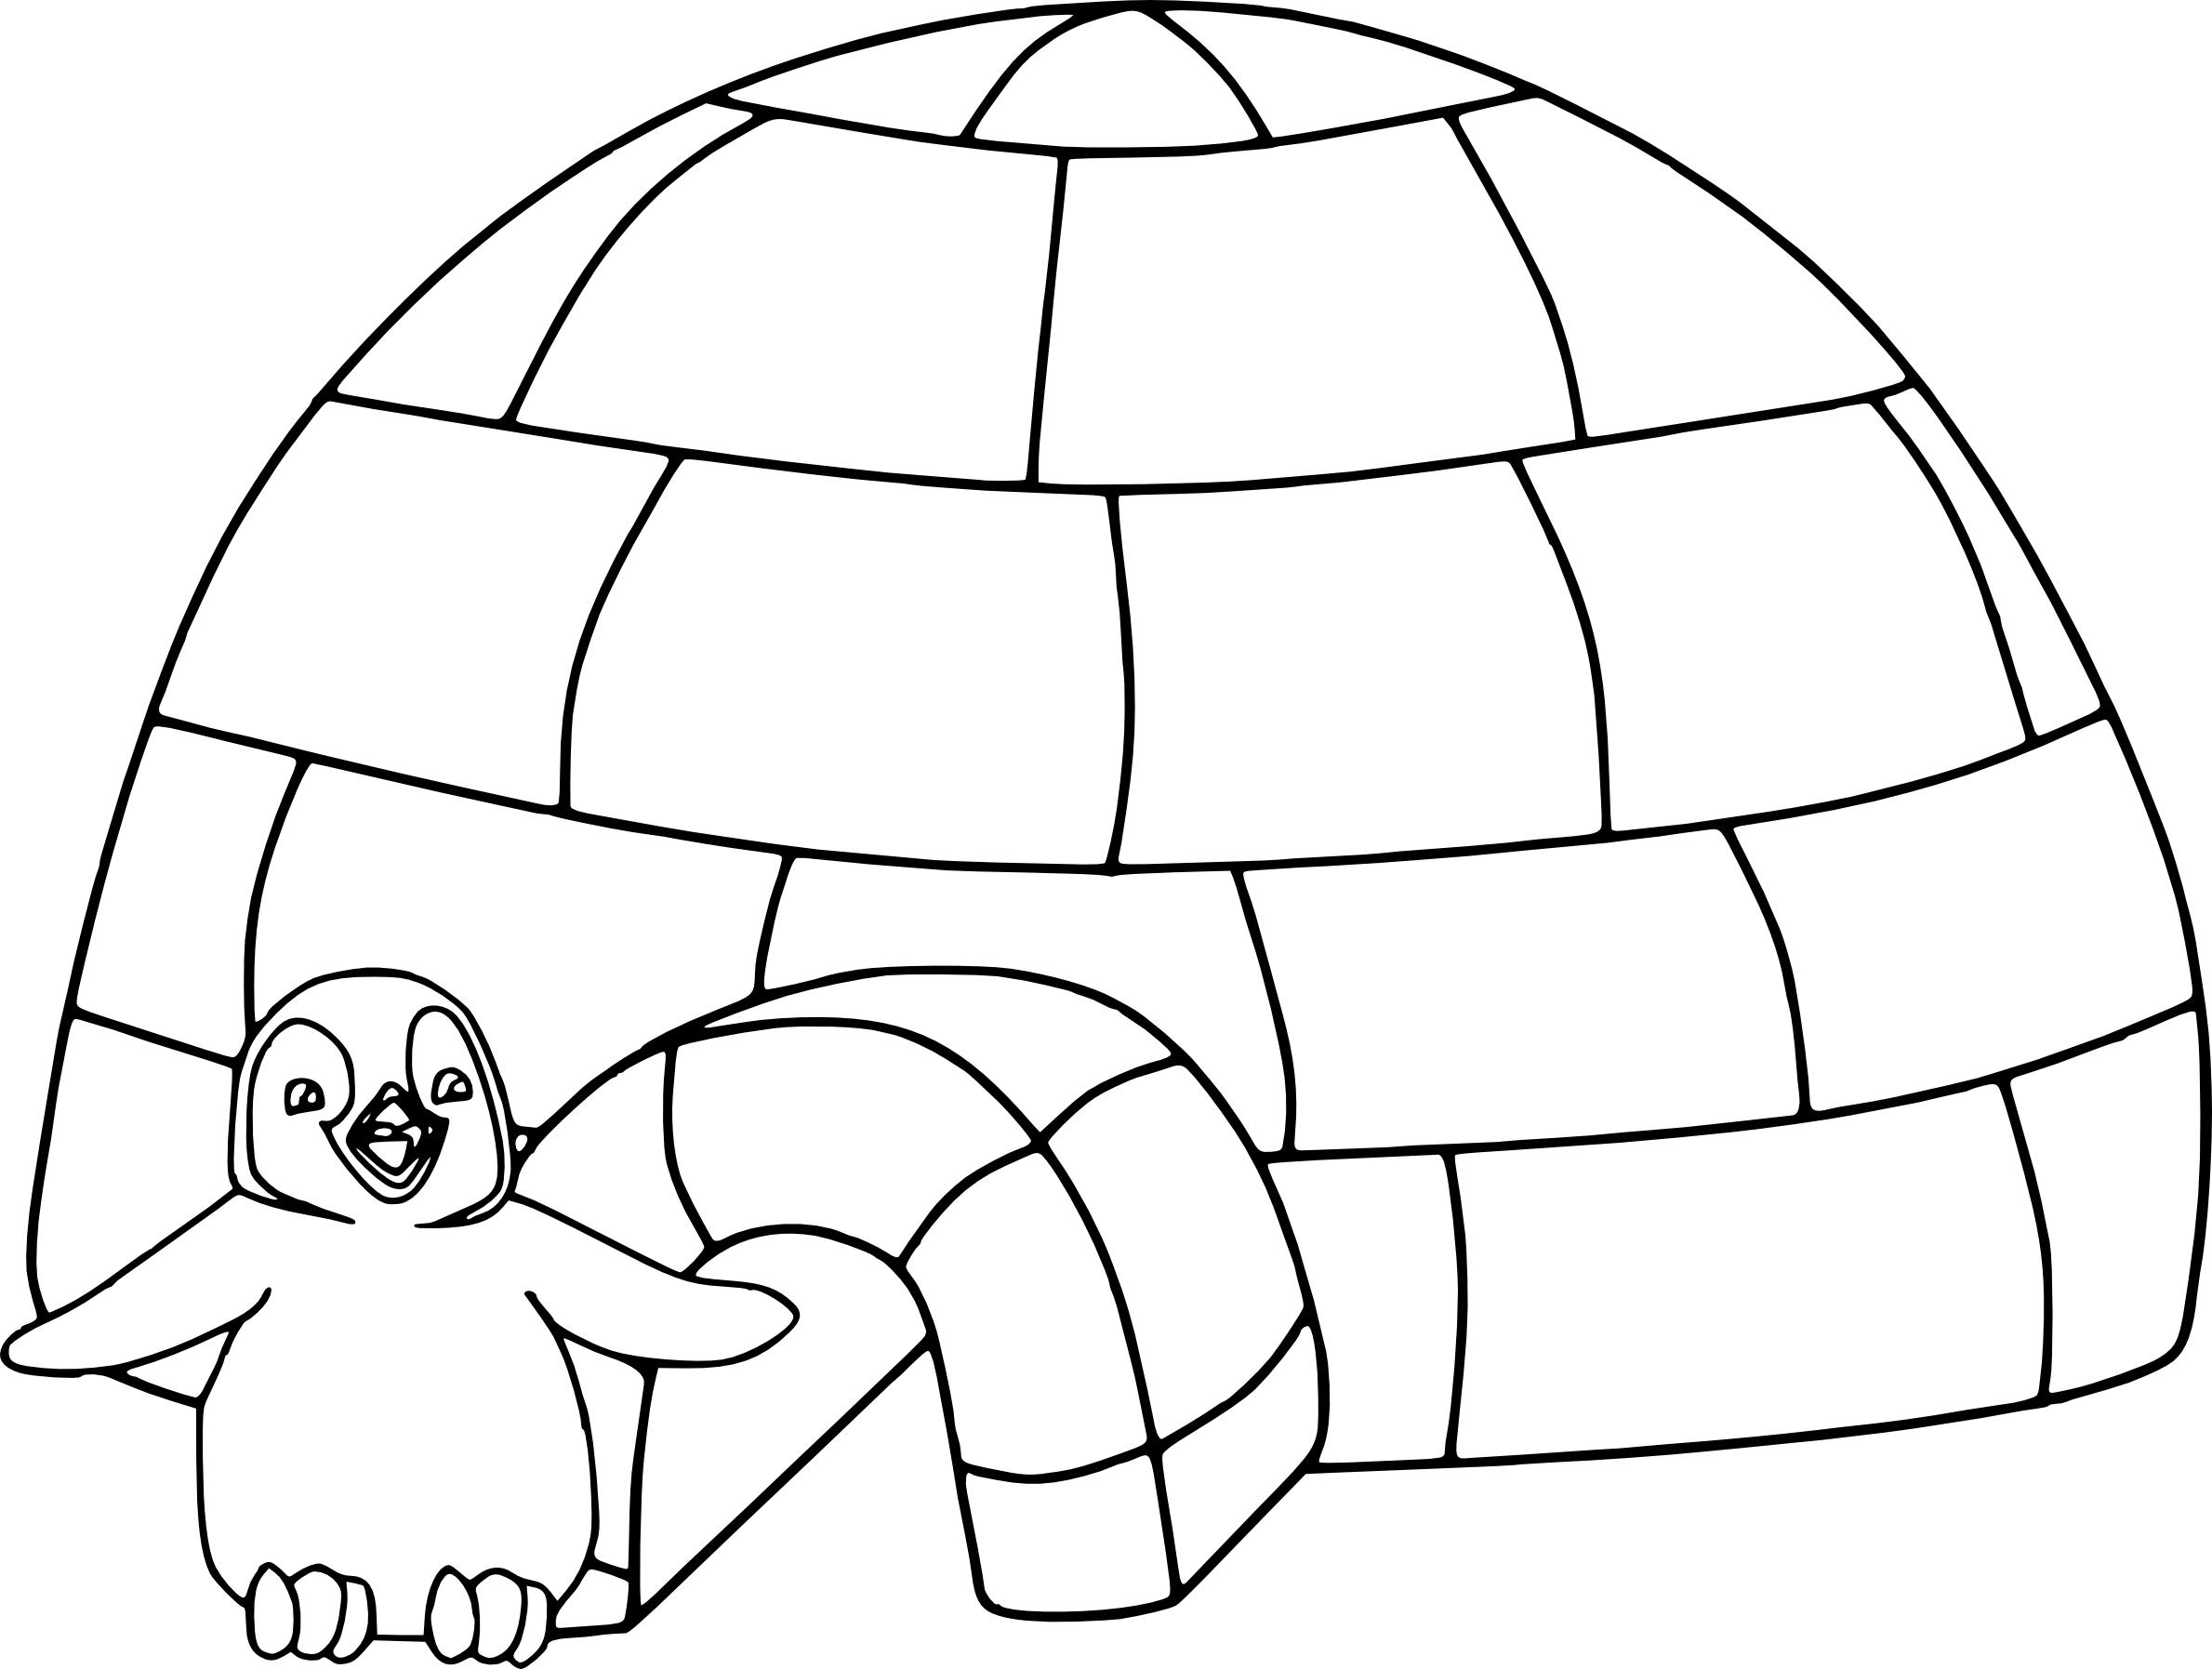 dessin à colorier pat patrouille